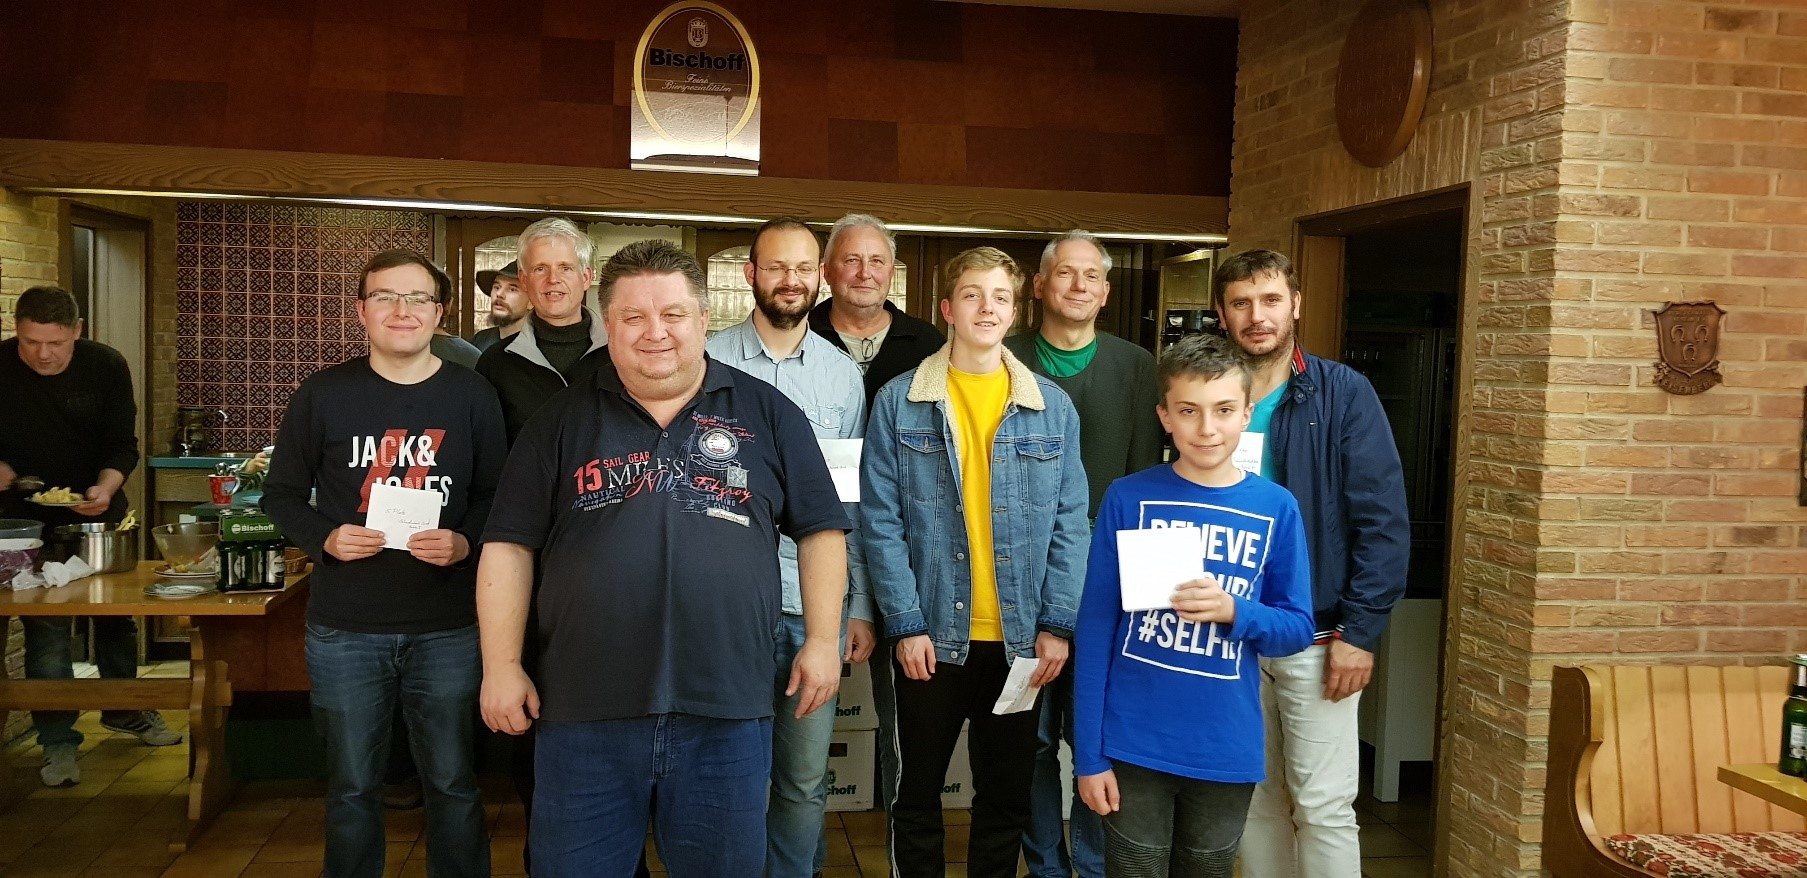 Die Sieger von links nach rechts: Philipp Rölle, Ingo Bruch, Johann Brittner, Oleg Yakovenko, Dieter Walther, Ole Brunck, Thorsten Hupprich, Lukas Becker und Avni Osmani.